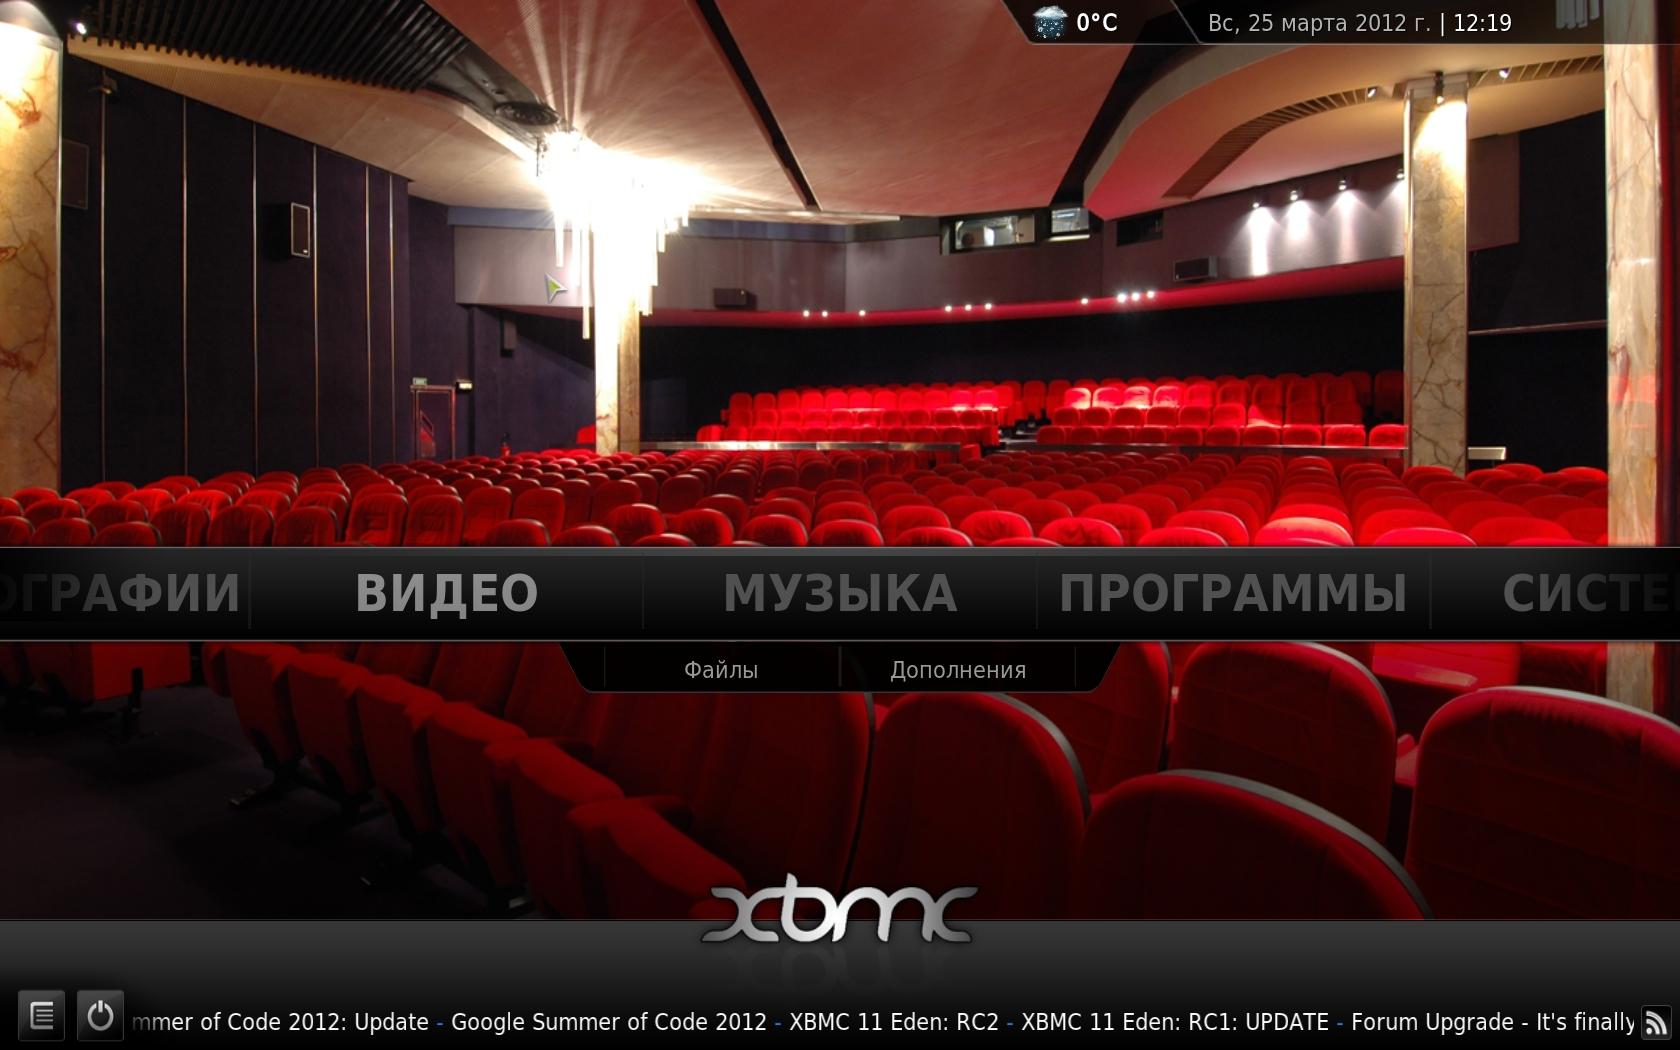 XBMC Media Center 11 RUS скачать бесплатно - медиацентр